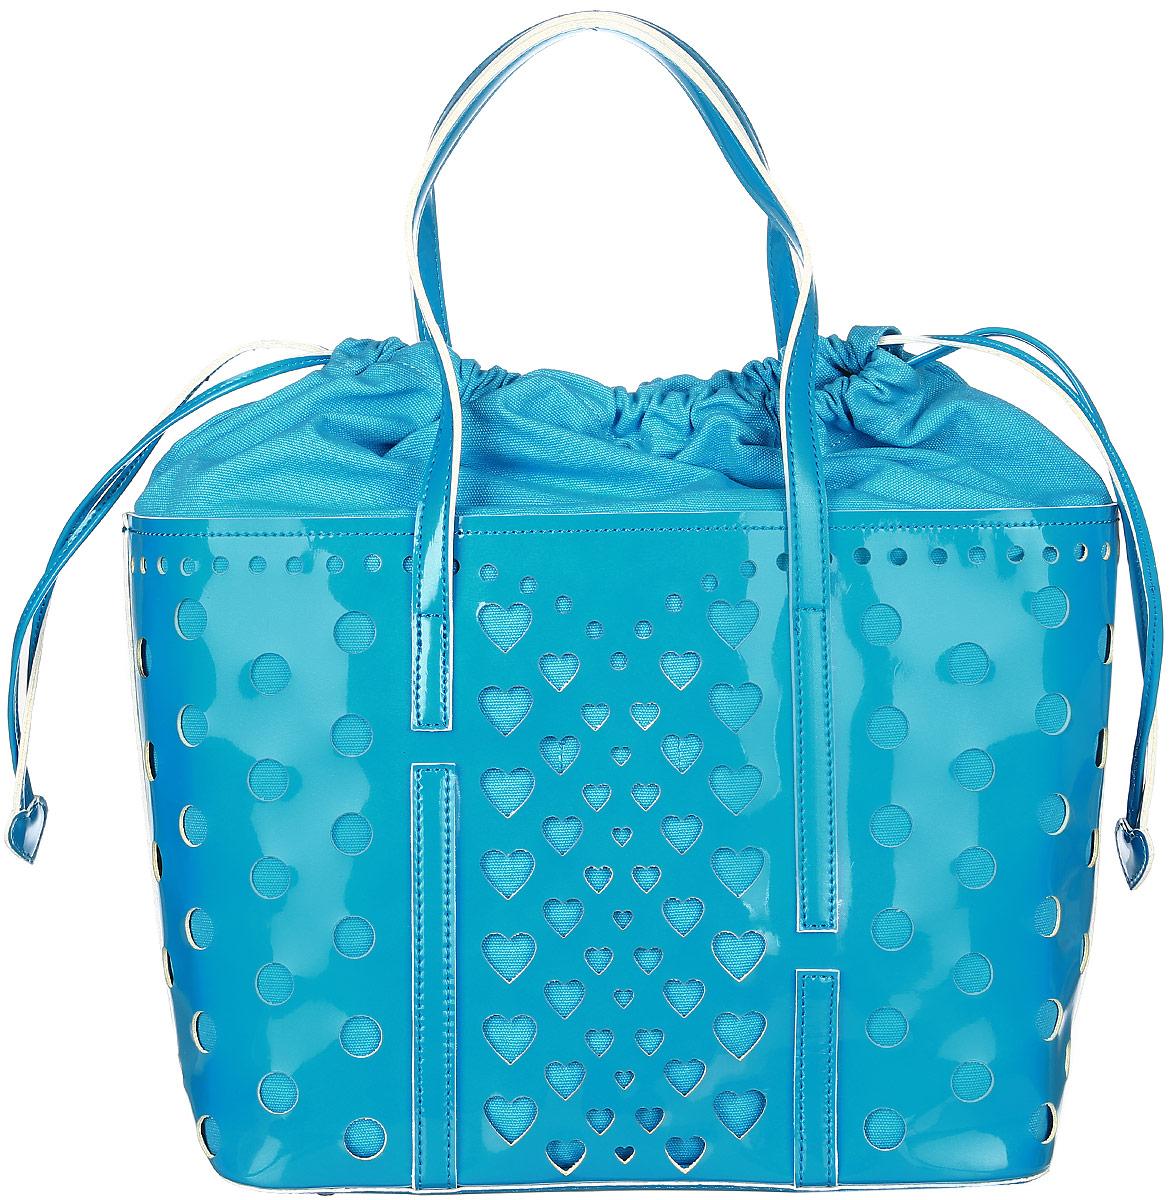 Сумка женская Vittorio Richi, цвет: голубой. 913140L39845800Сумка из экокожи с перфорацией. Внутри текстильный мешок на затяжках. Высота ручек 21см.